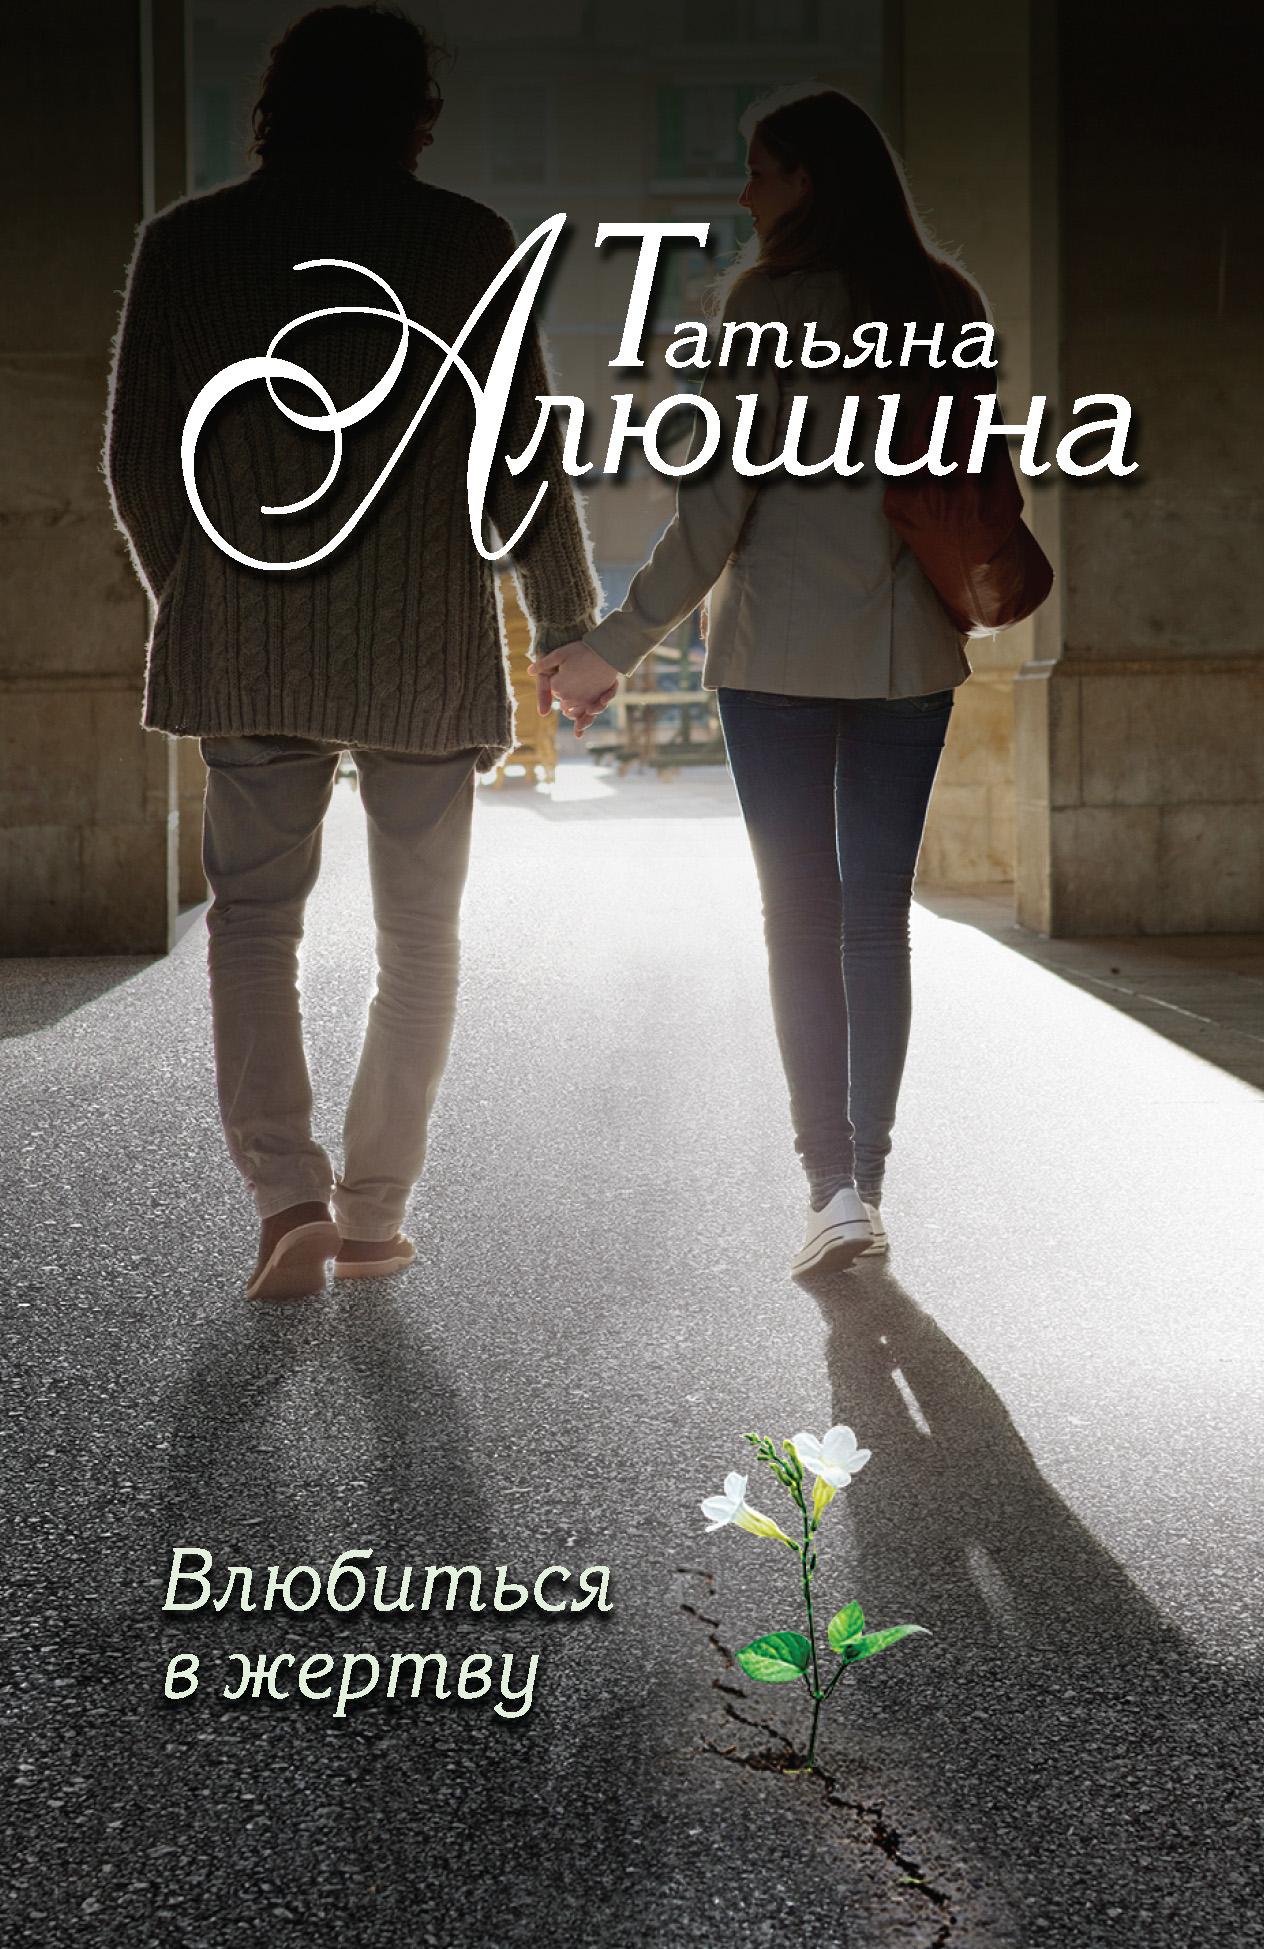 Татьяна Алюшина Влюбиться в жертву